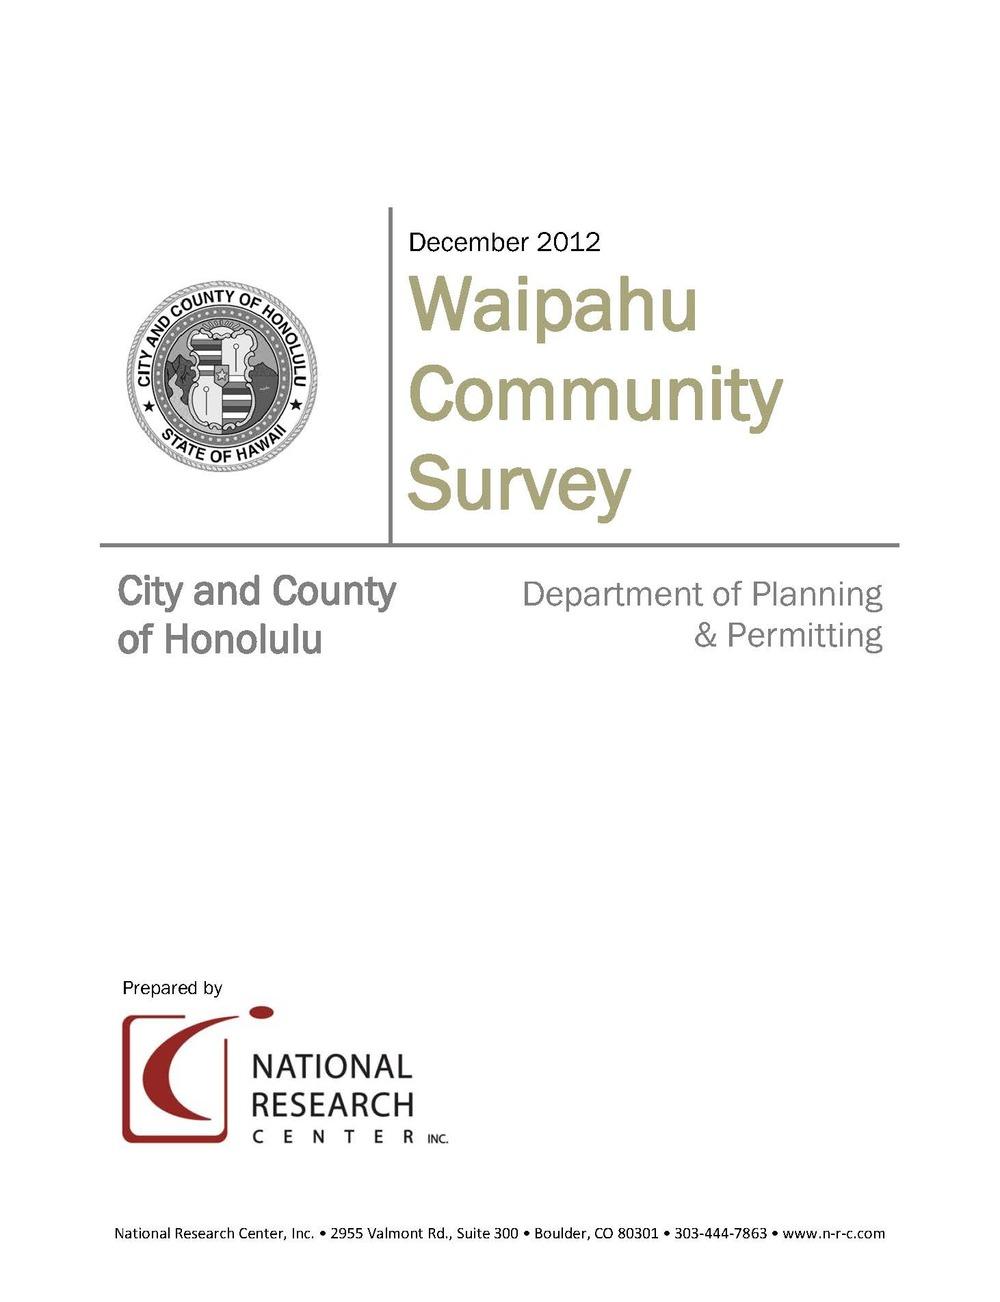 160608_WaipahuCommunitySurvey_Dec2012_Page_001.jpg